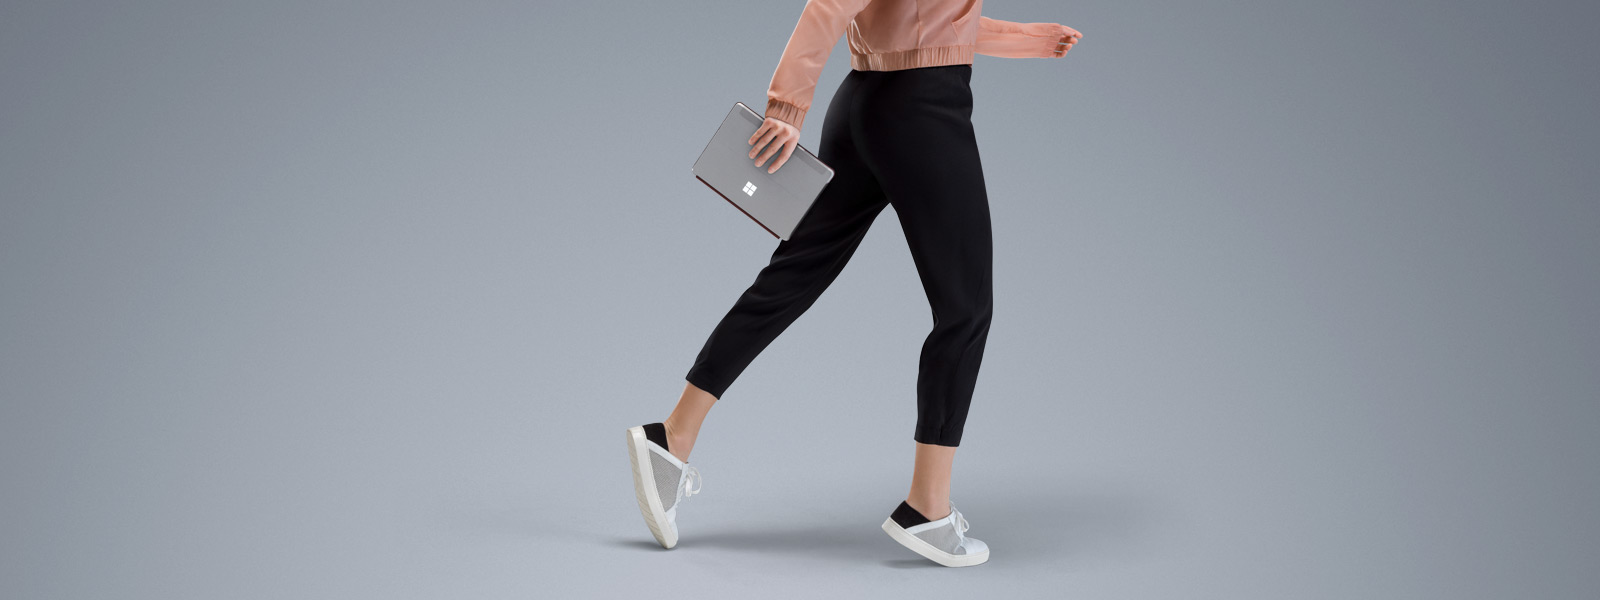 เด็กสาวคนหนึ่งเดินพลางถือ Surface Go ในมือ